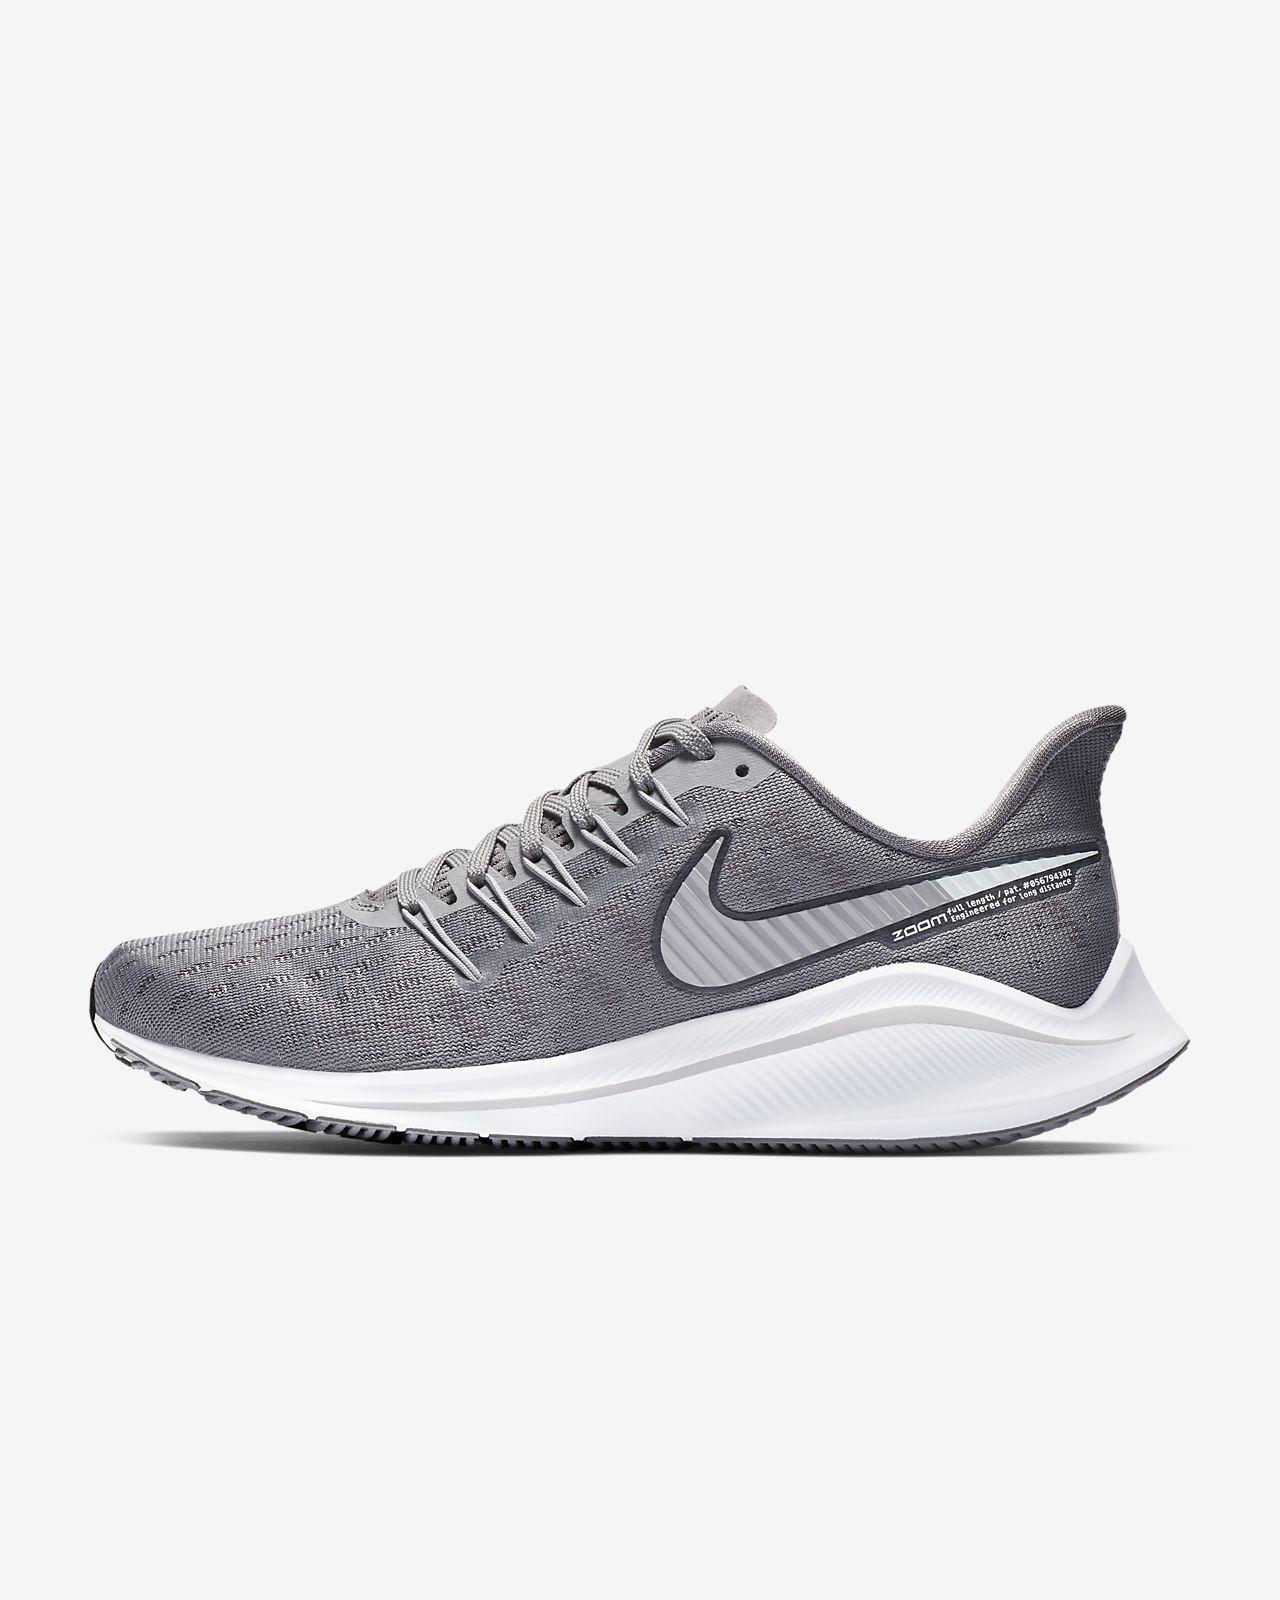 Nike Air Zoom Vomero in Damen Fitness & Laufschuhe günstig